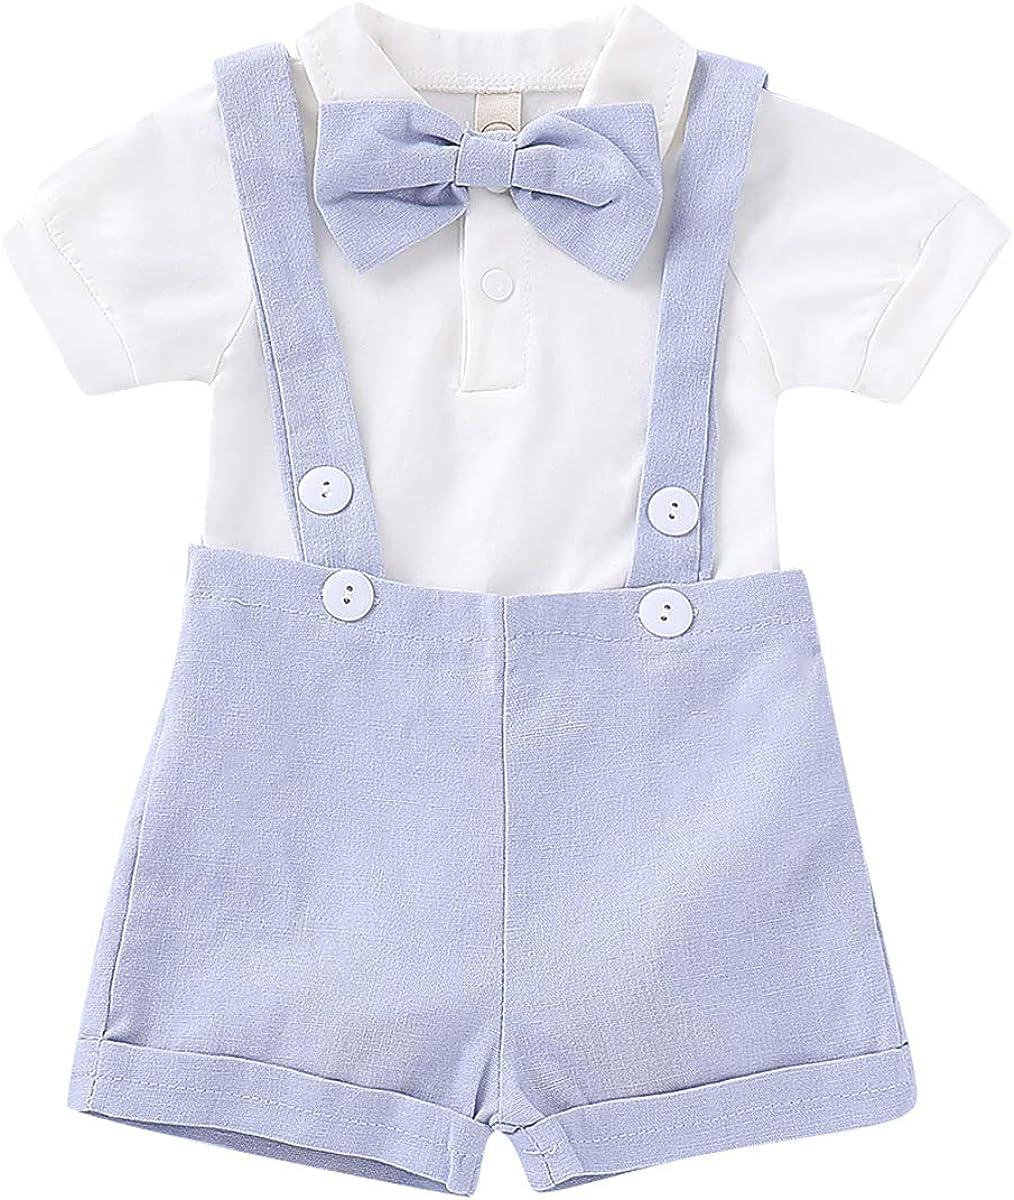 Borlai 2 Pezzi/Set Baby Boy Gentlemen Suit Pagliaccetto Moda + Shorts Bretelle...